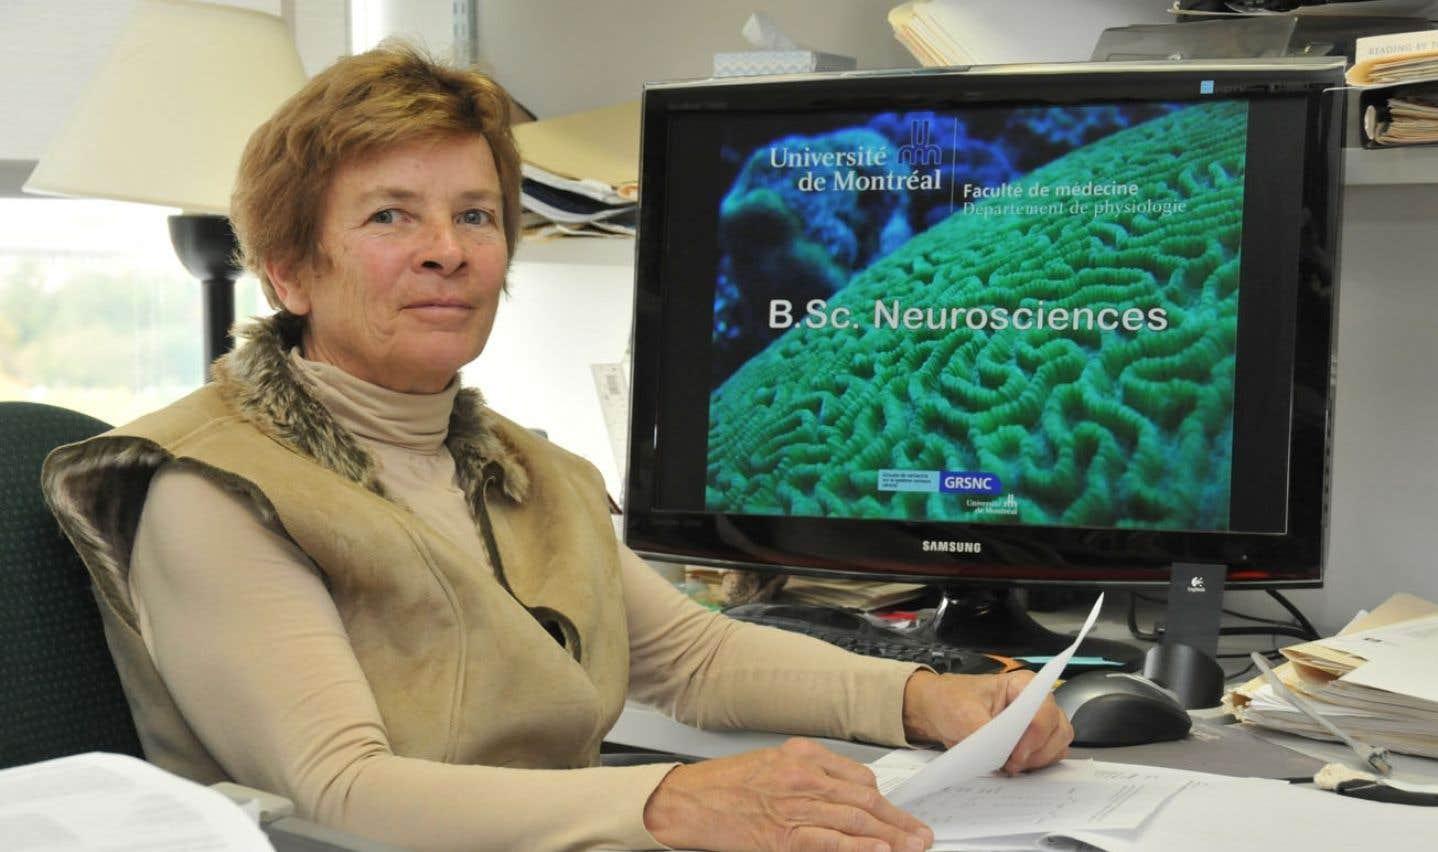 Elaine Chapman est professeure au département de physiologie et directrice du nouveau baccalauréat en neurosciences de l'UdM.